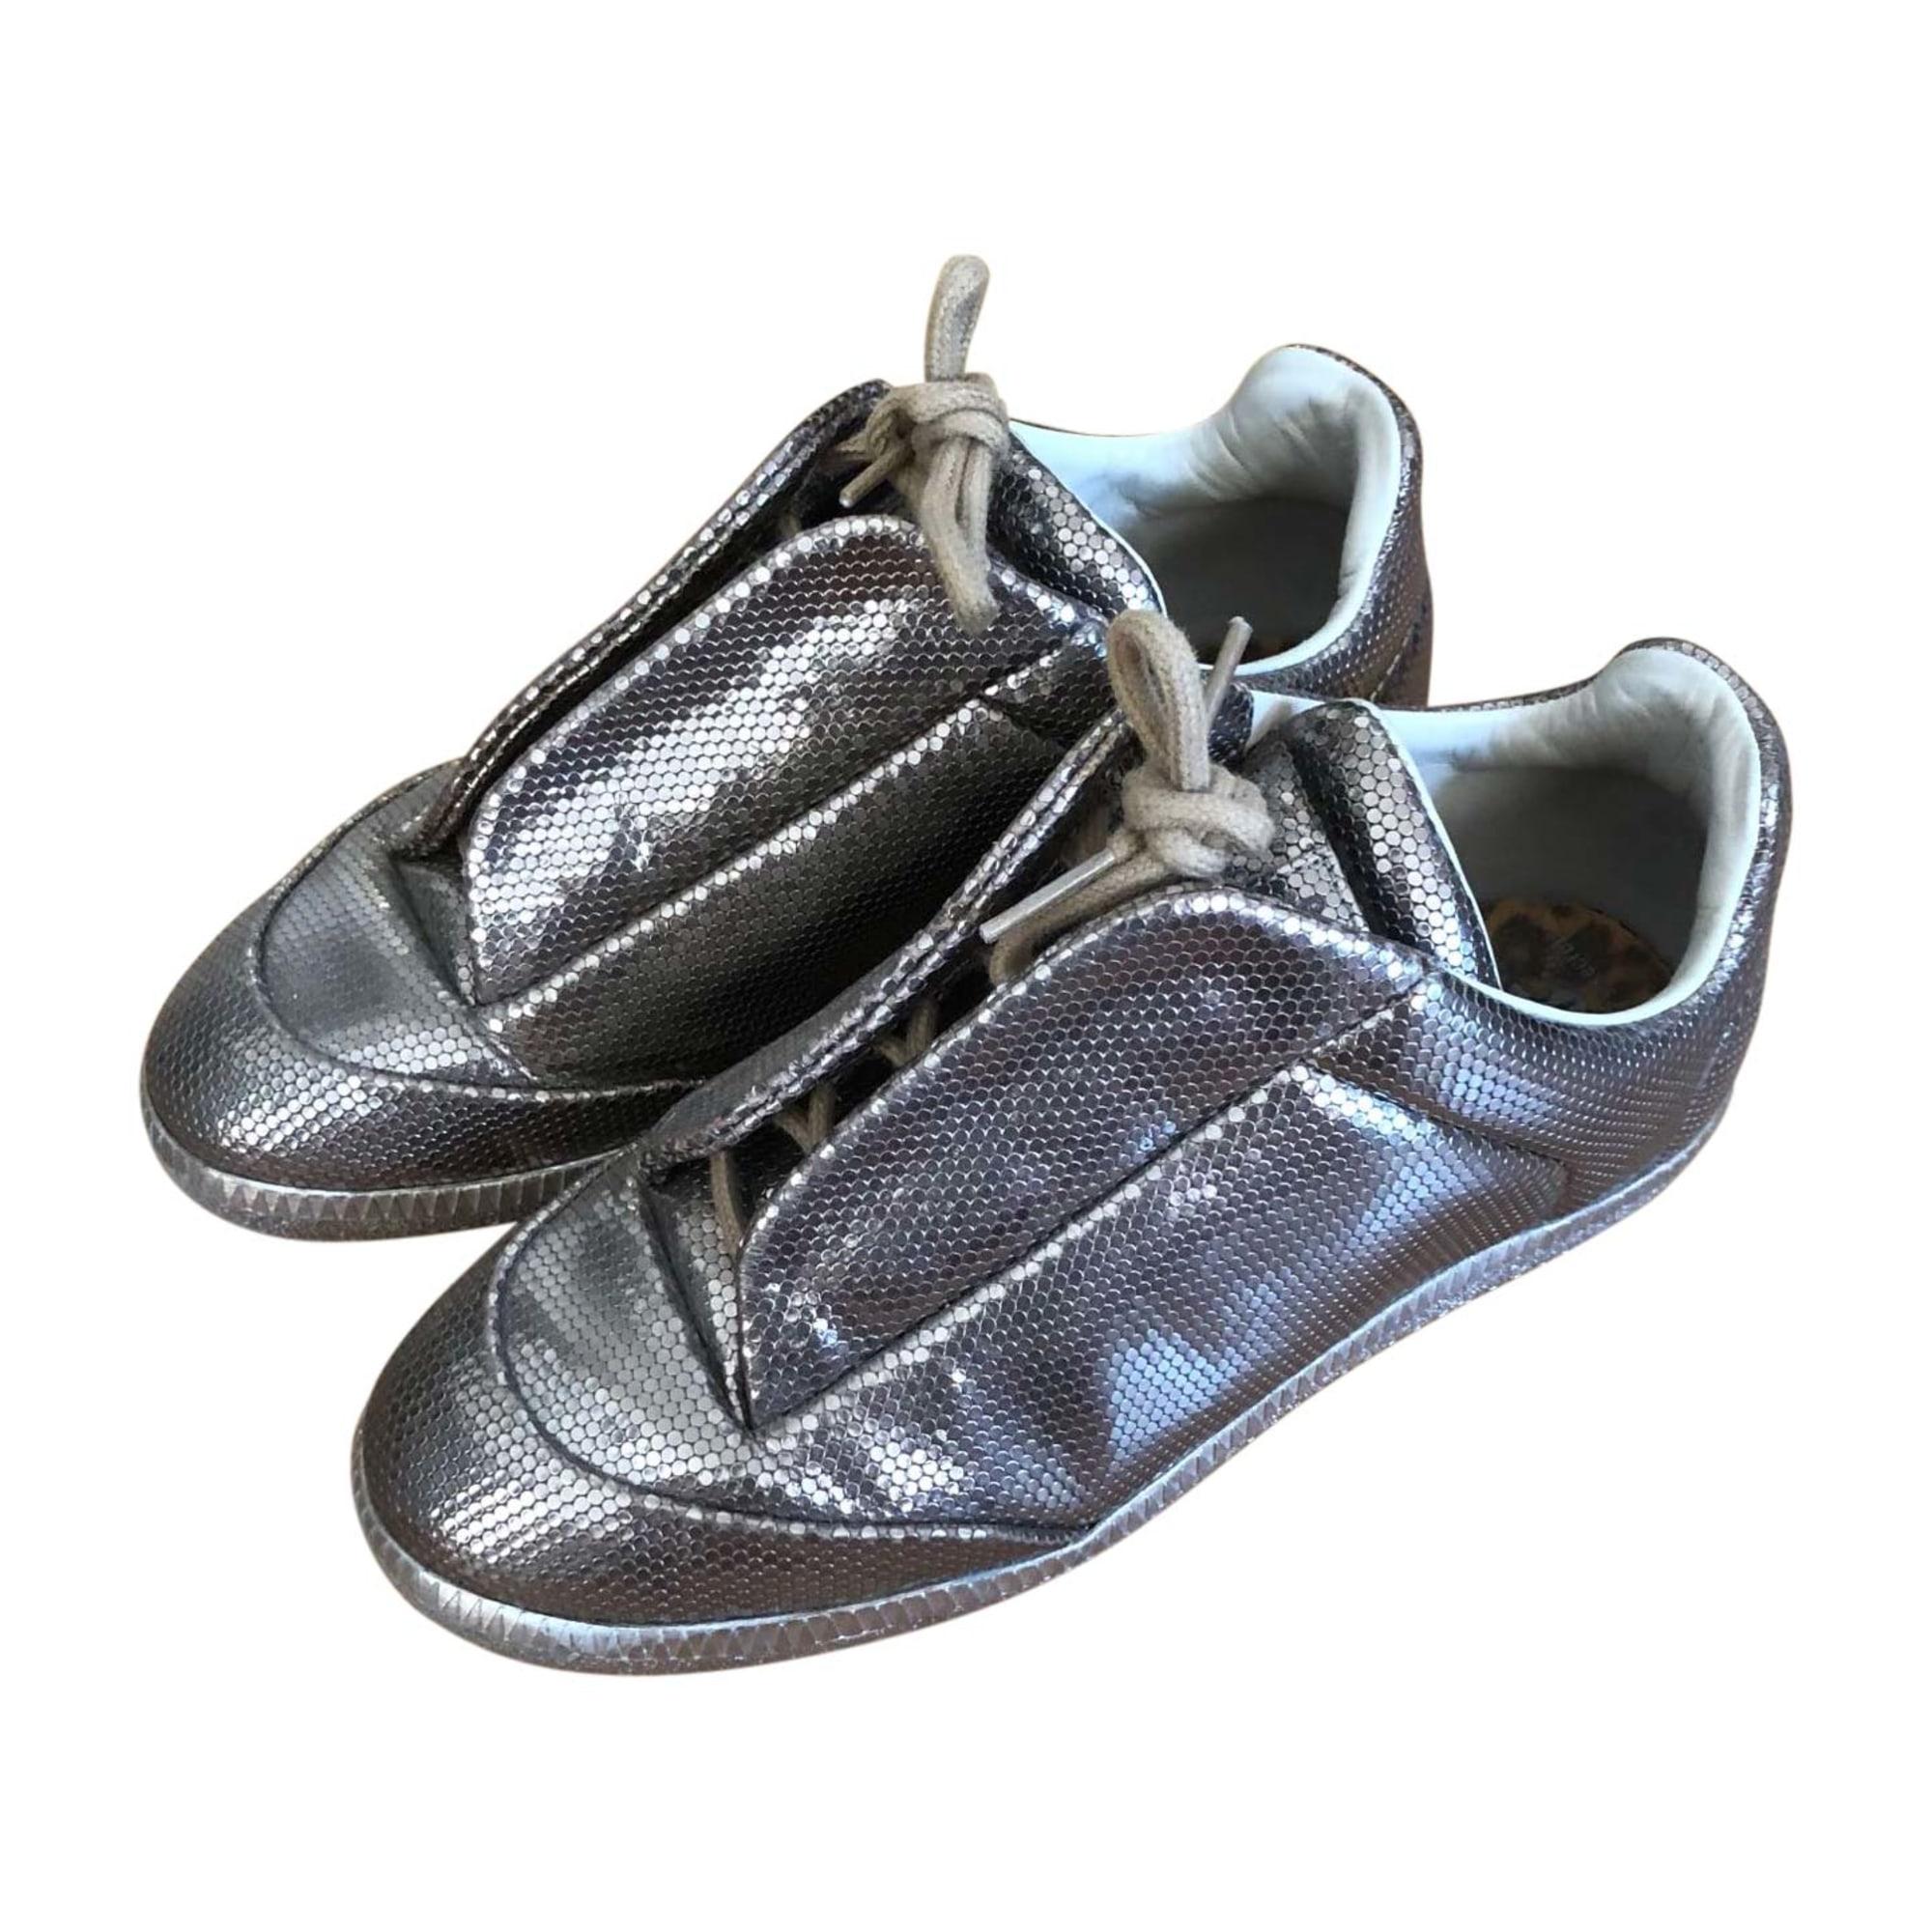 Sneakers MAISON MARTIN MARGIELA Golden, bronze, copper